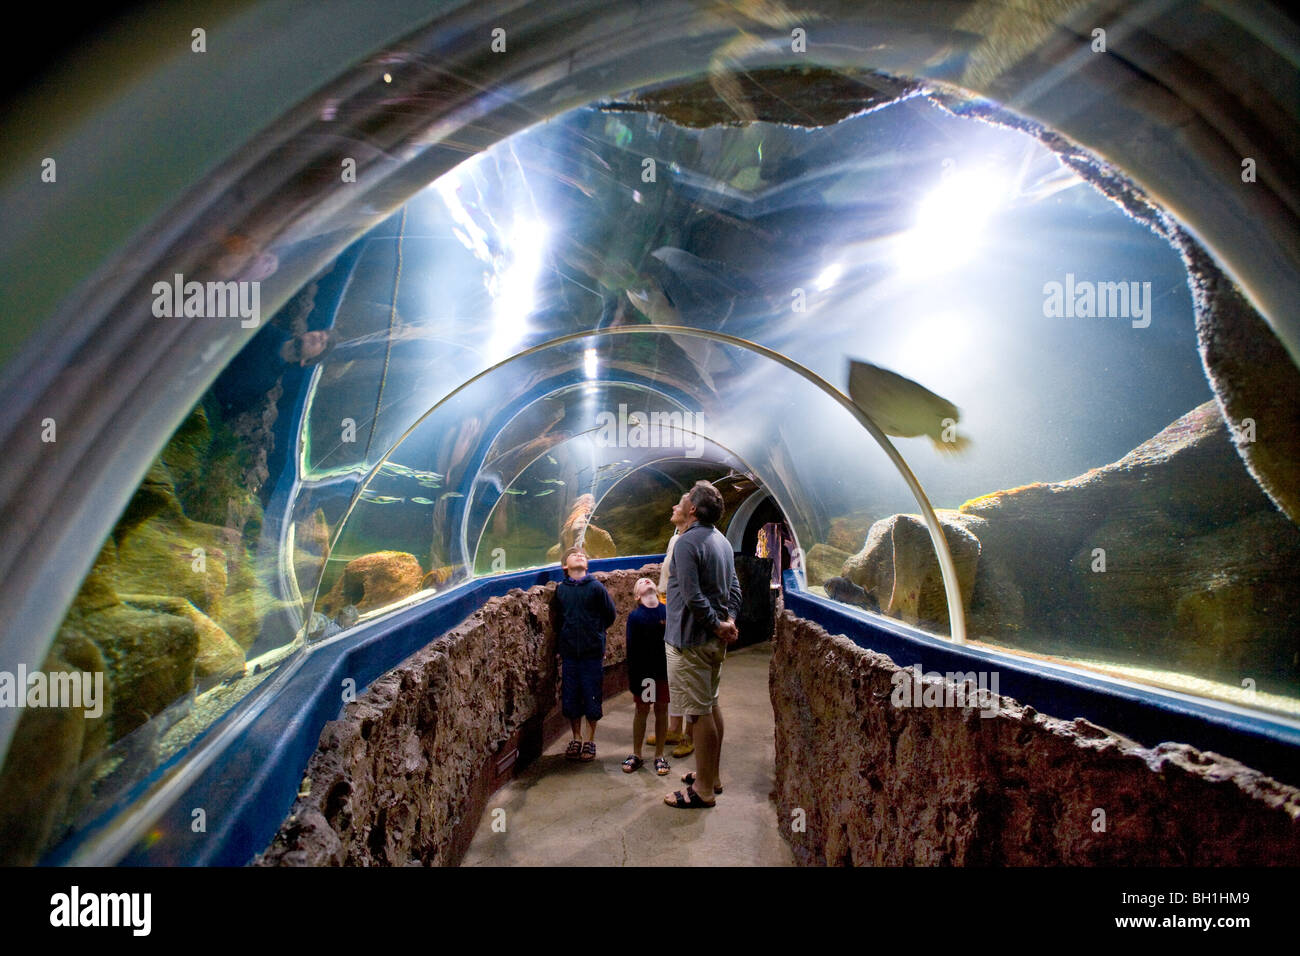 Les personnes qui visitent l'Aquarium, Westerland, l'île de Sylt, Schleswig-Holstein, Allemagne Photo Stock